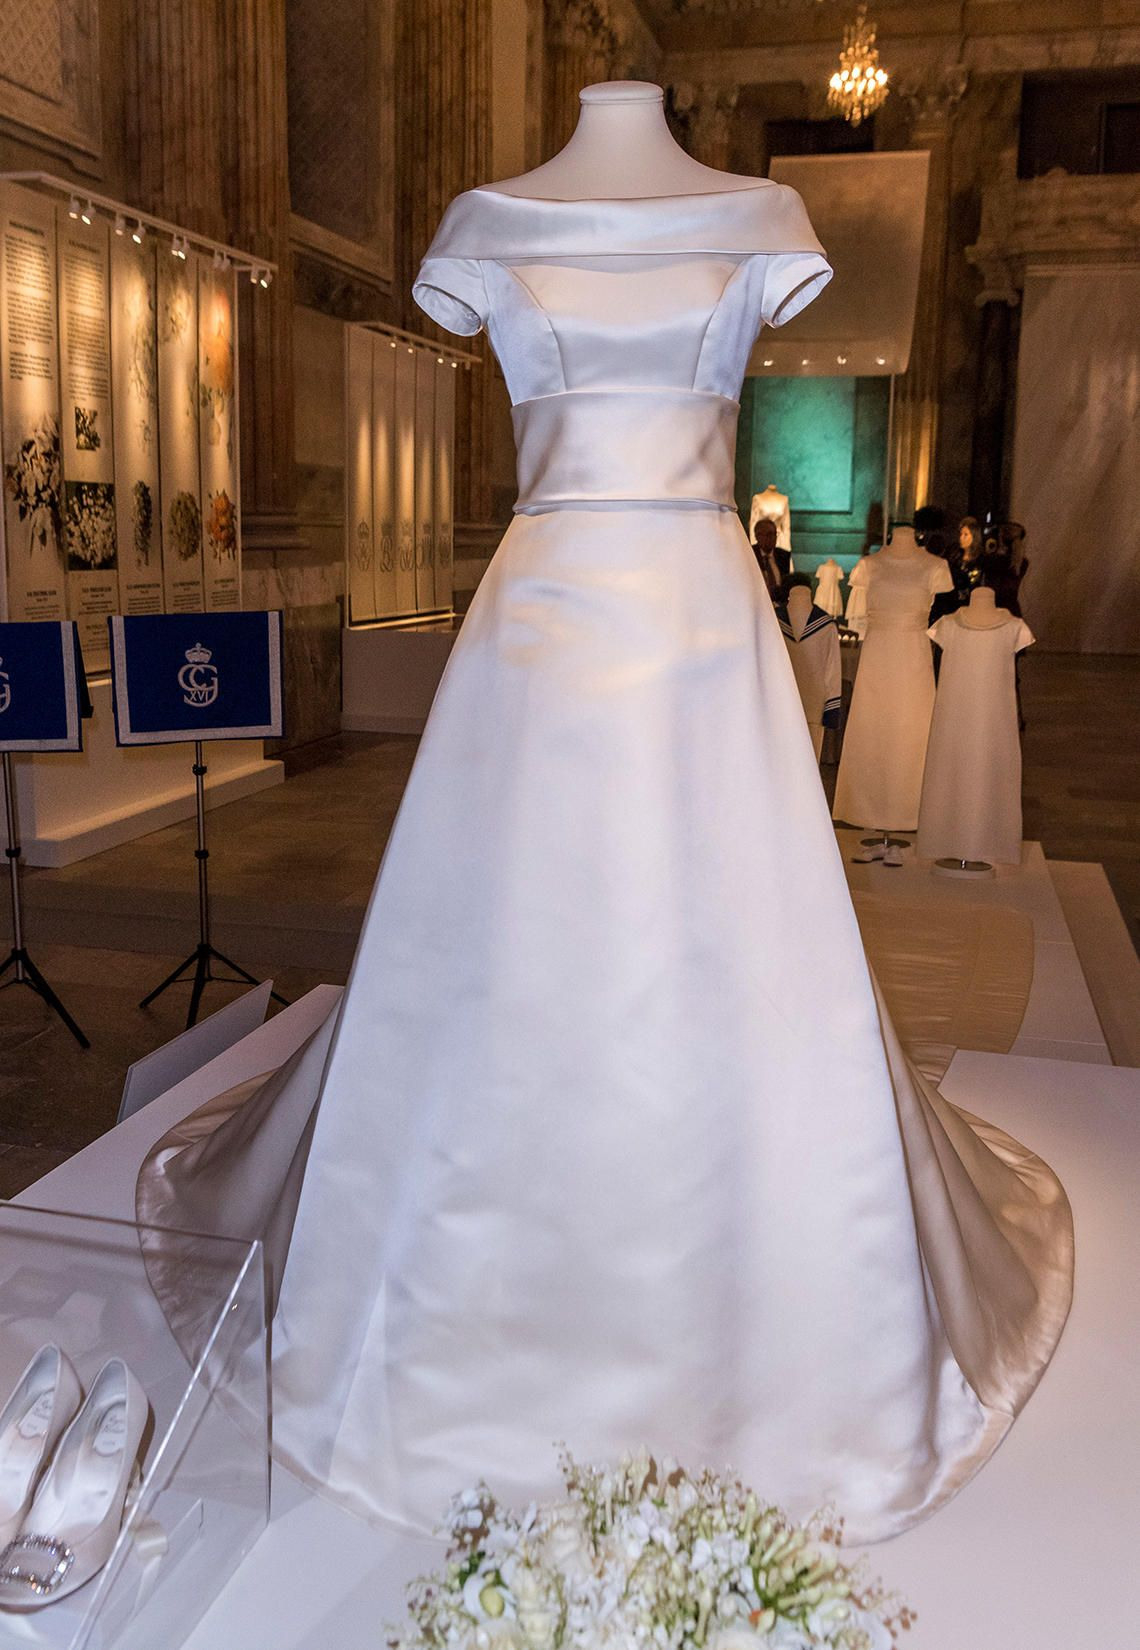 Ihre Hochzeitskleider Werden Ausgestellt: Victoria, Sofia